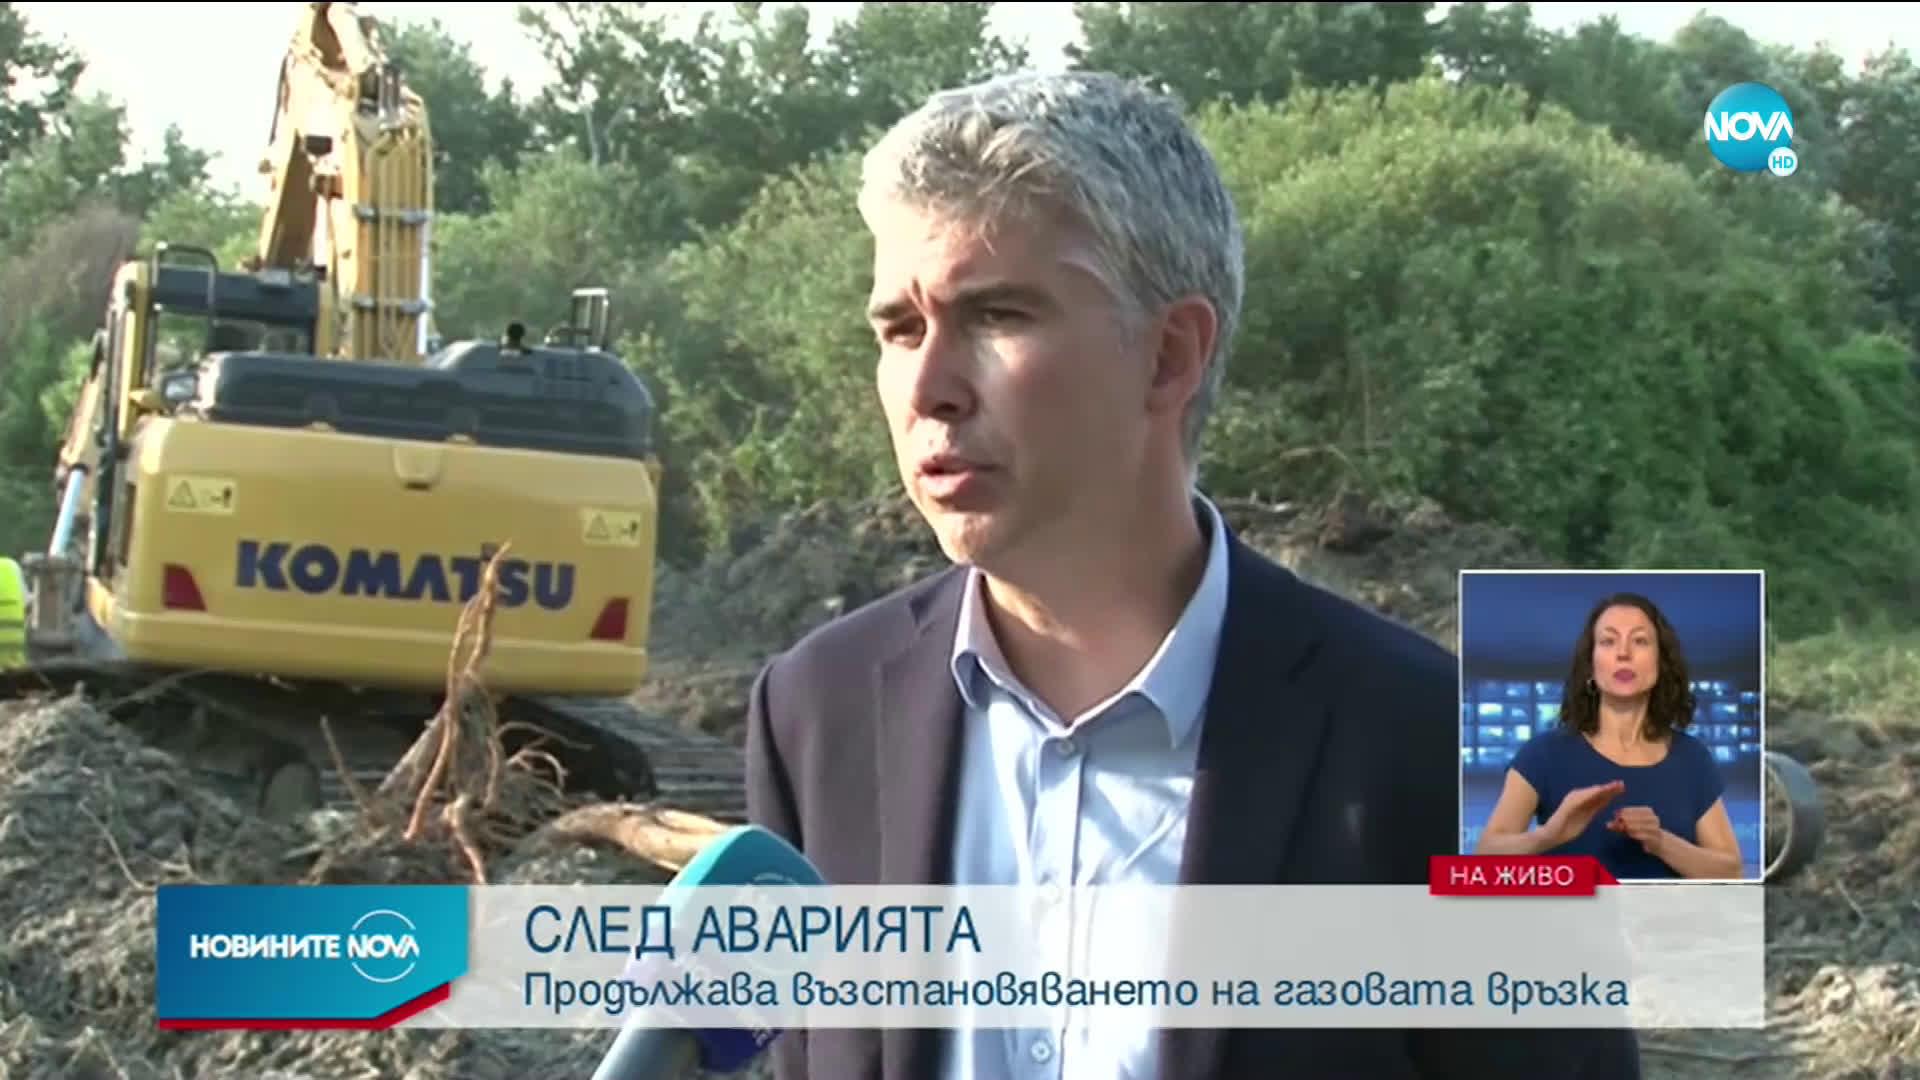 СЛЕД АВАРИЯТА: Продължава ремонтът на газовата връзка